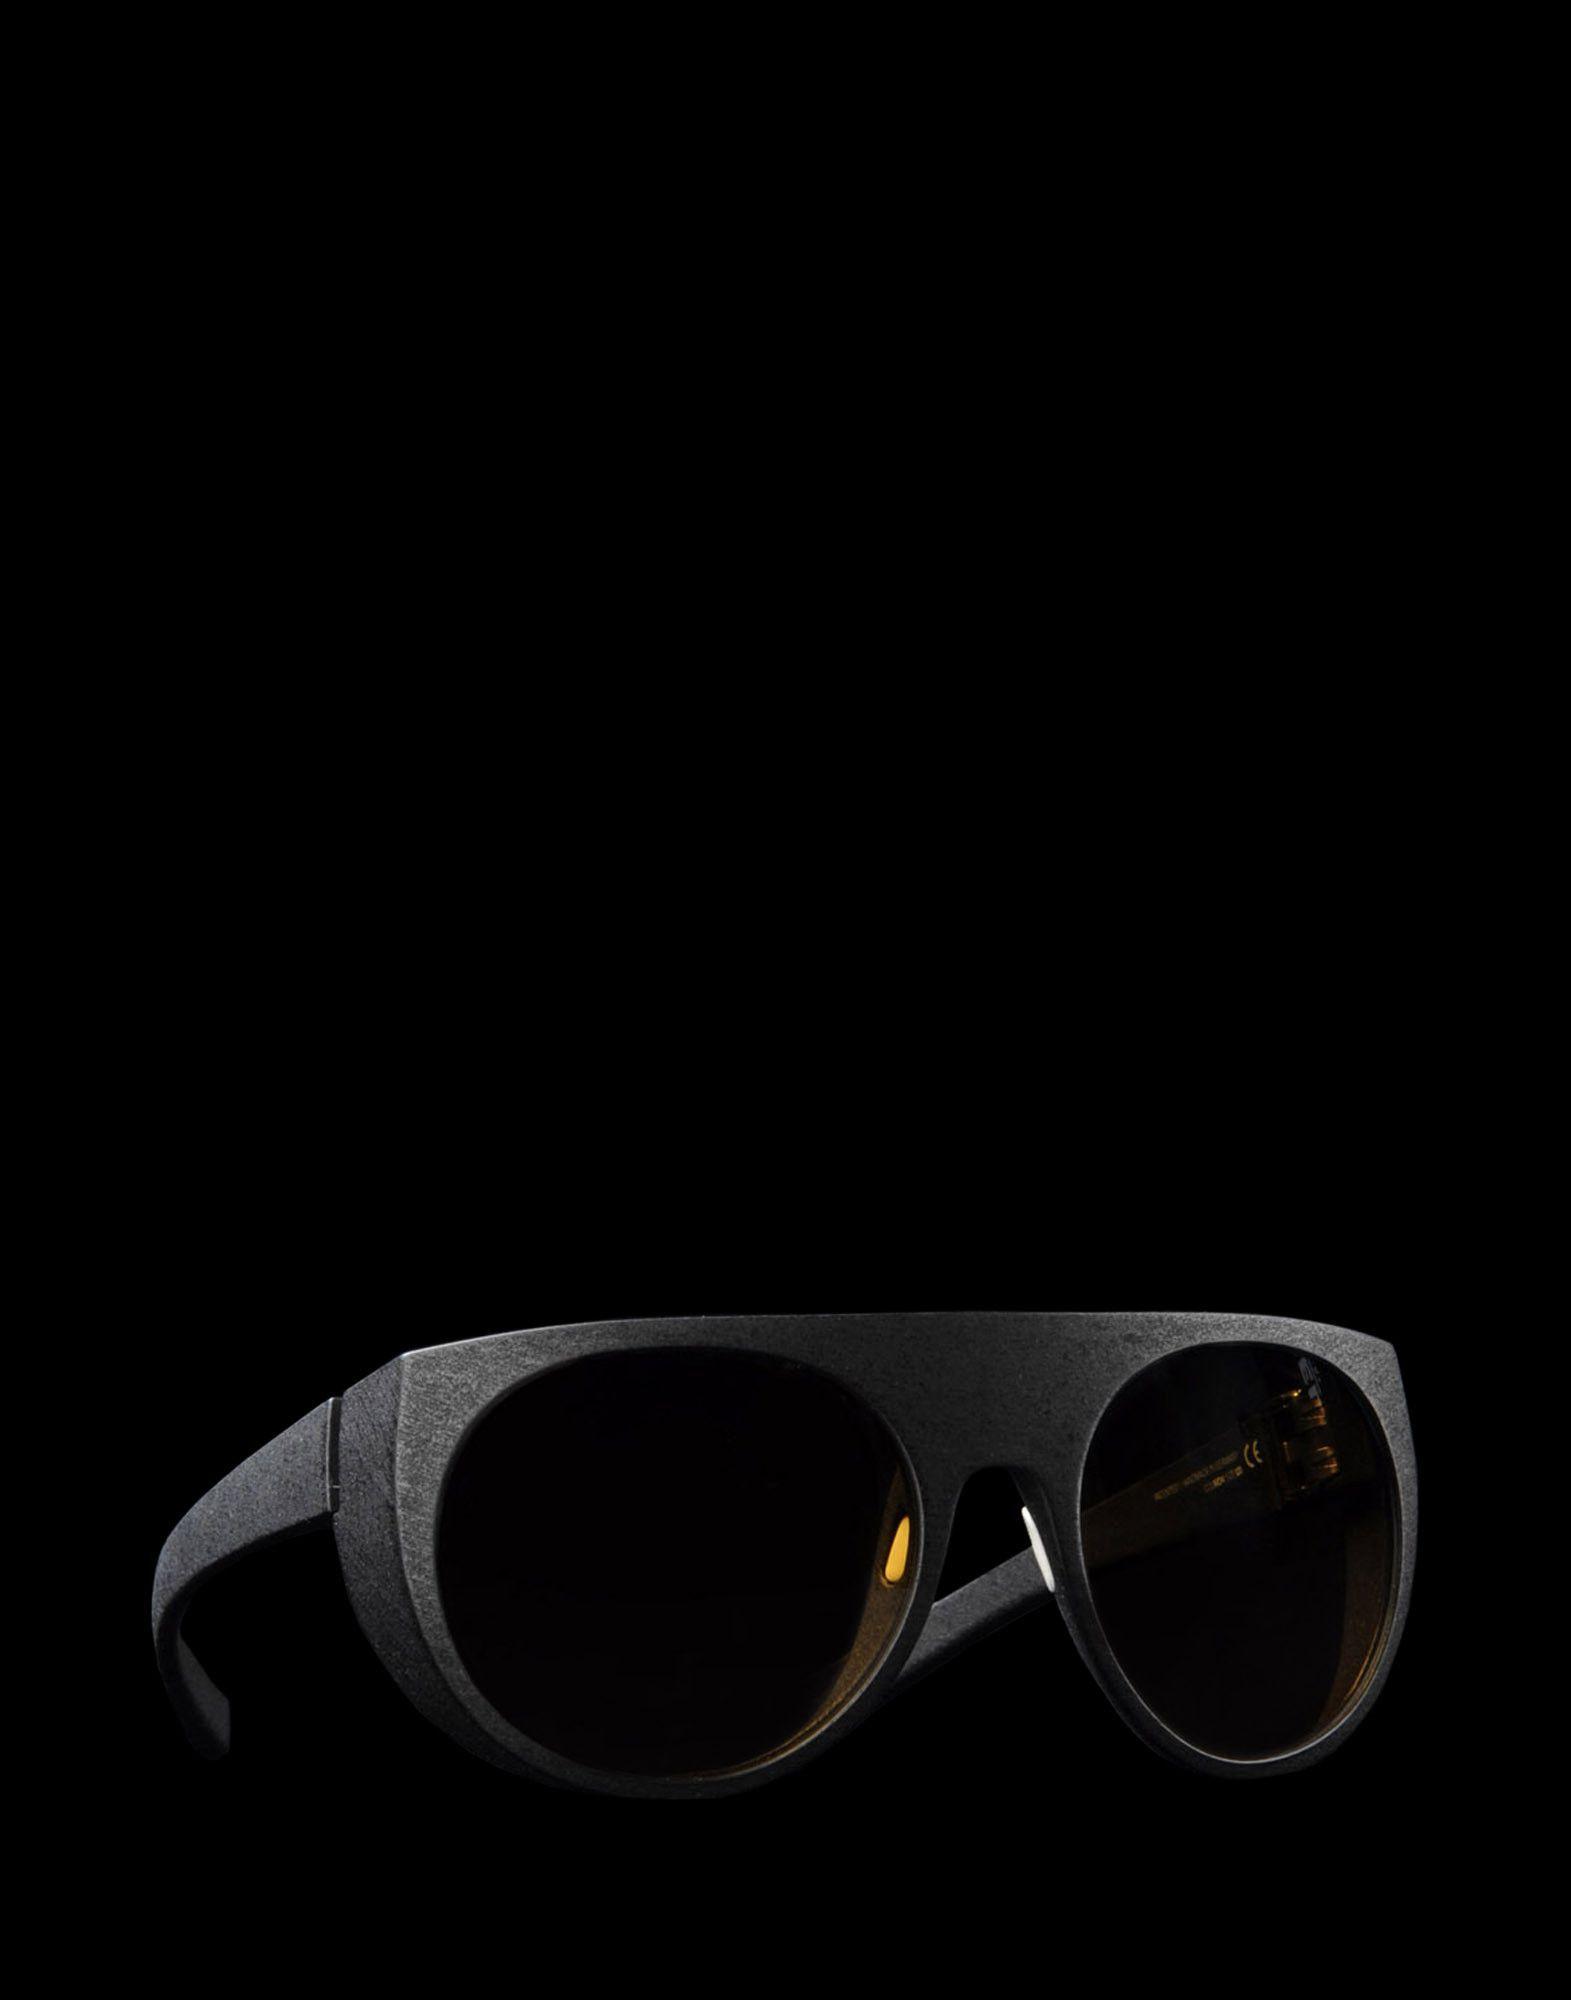 937e3b1bb3 Eyewear Men - Eyewear Men on Moncler Online Store